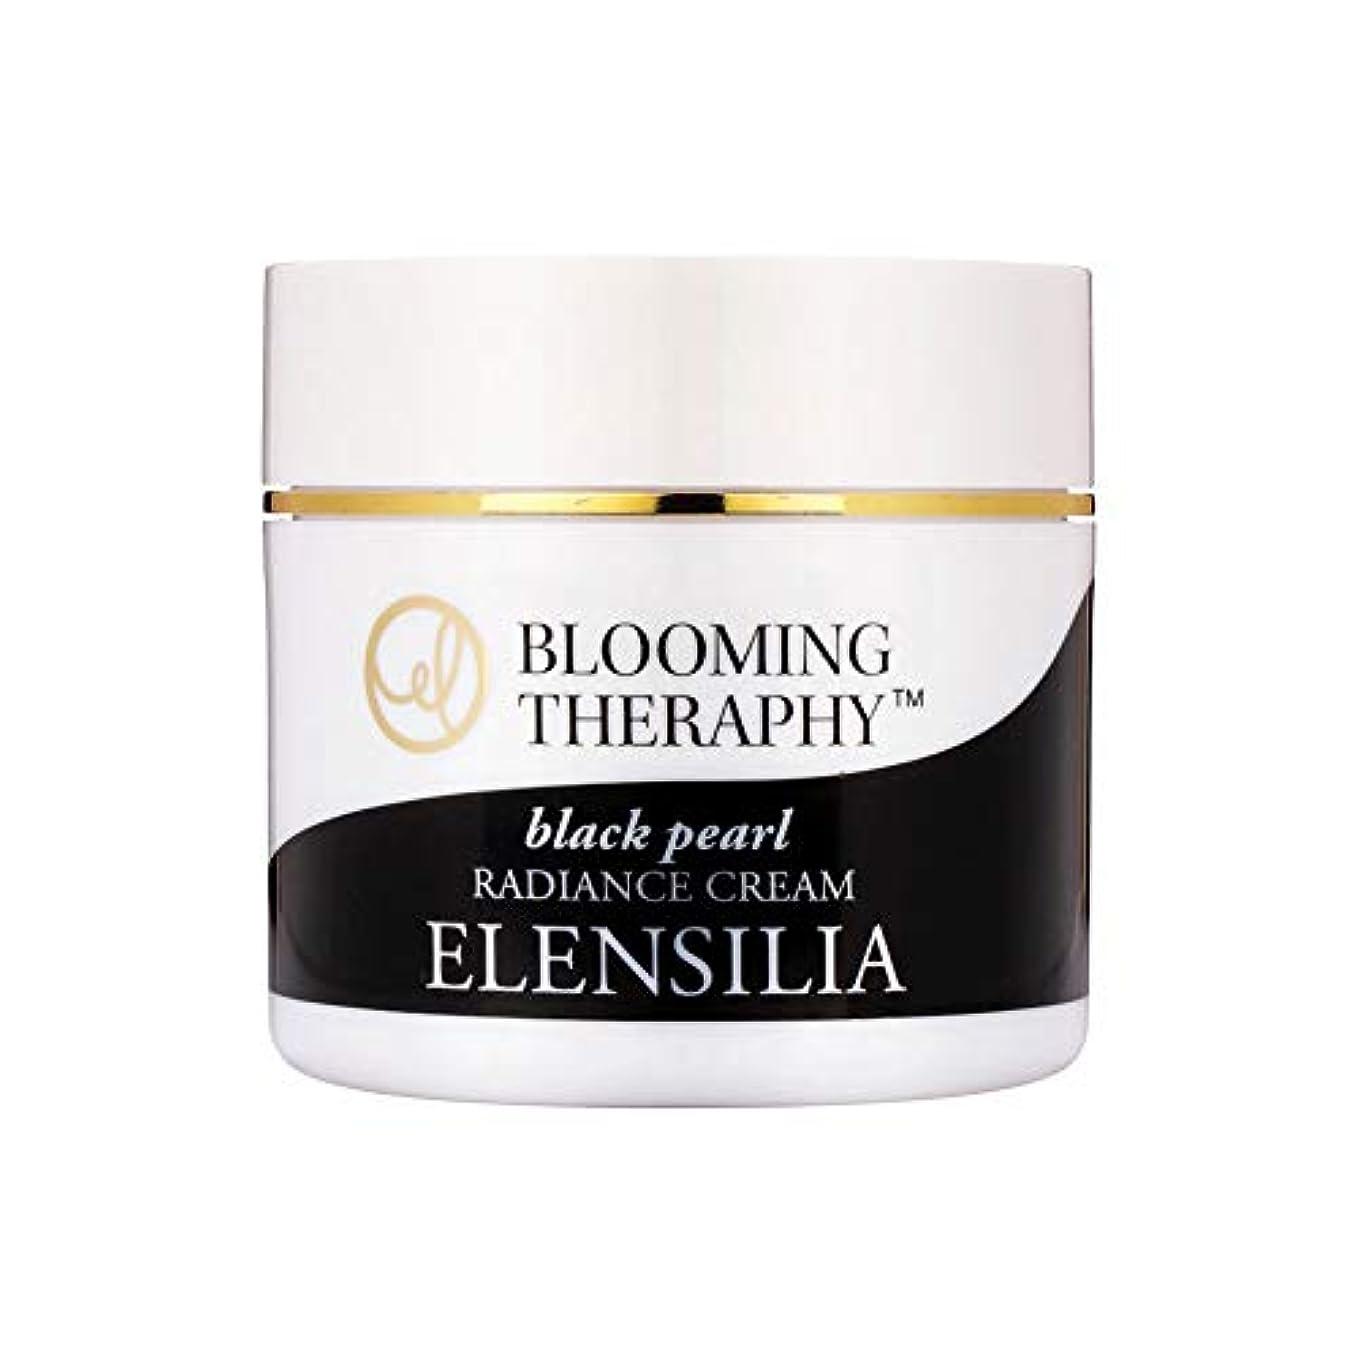 物理インシュレータもしエルレンシルラElensilia 韓国コスメ ブルーミングセラピー黒真珠ラディアンスクリーム50g 海外直送品 Blooming Theraphy Black Pearl Radiance Cream [並行輸入品]